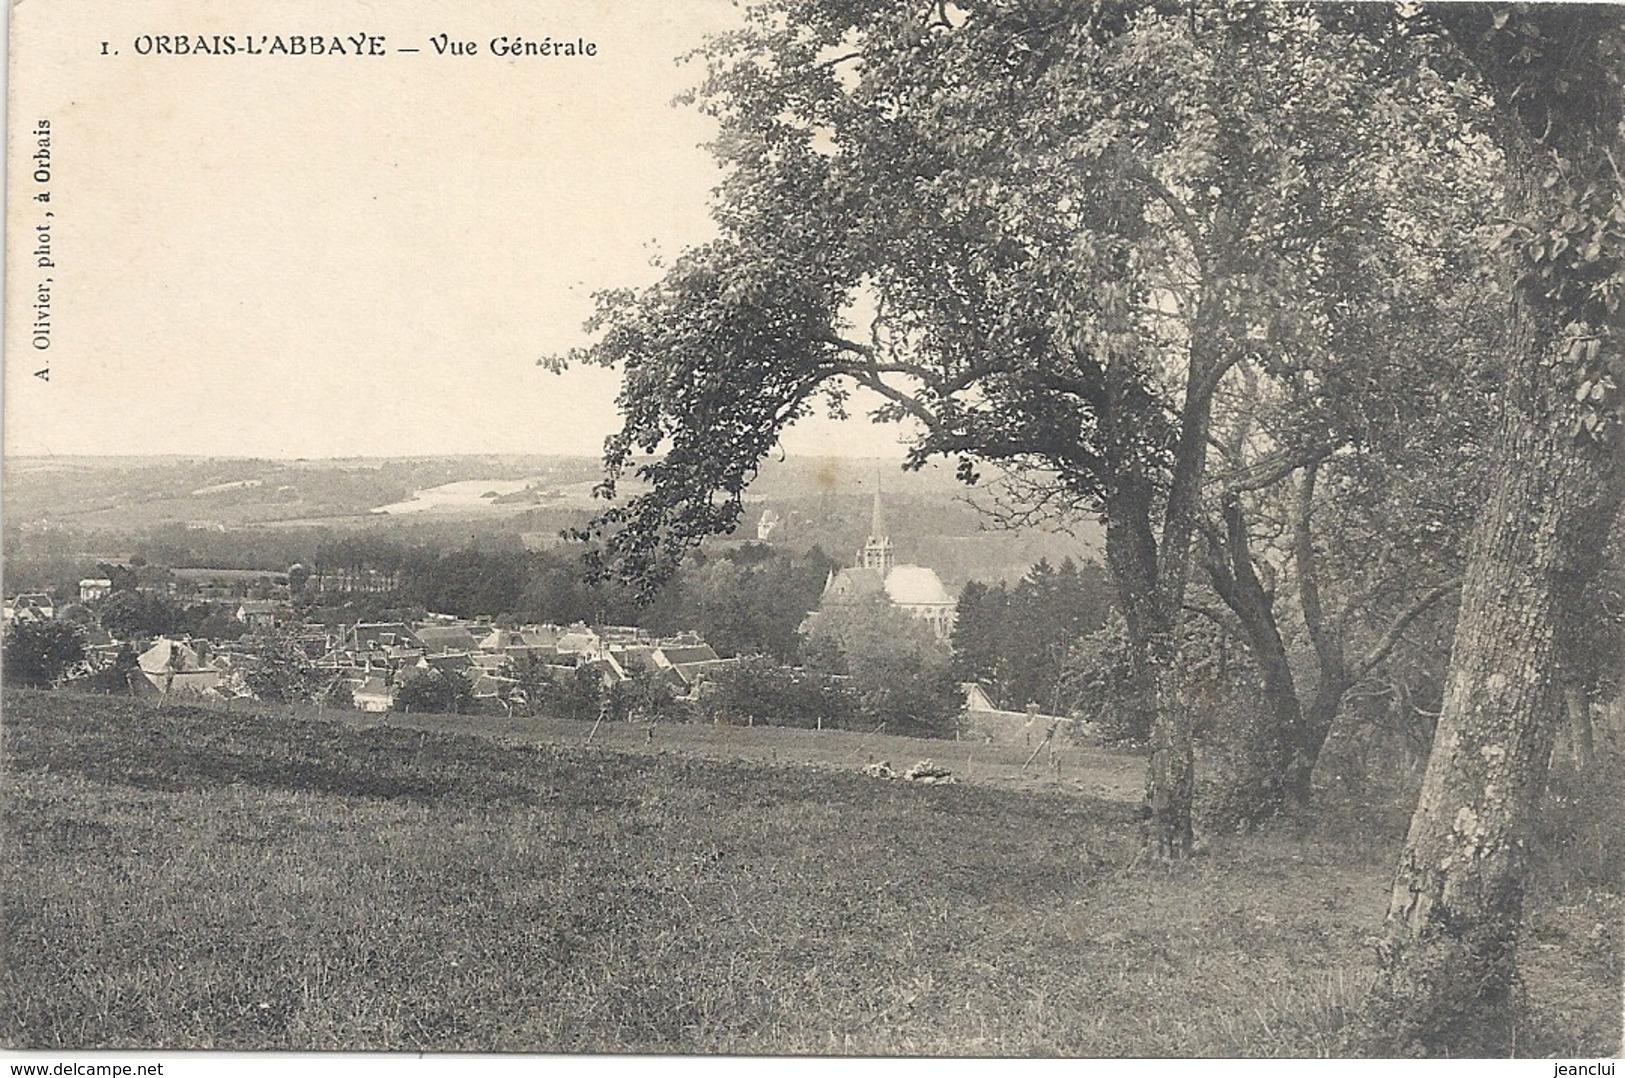 1. ORBAIS-L'ABBAYE . VUE GENERALE - Autres Communes